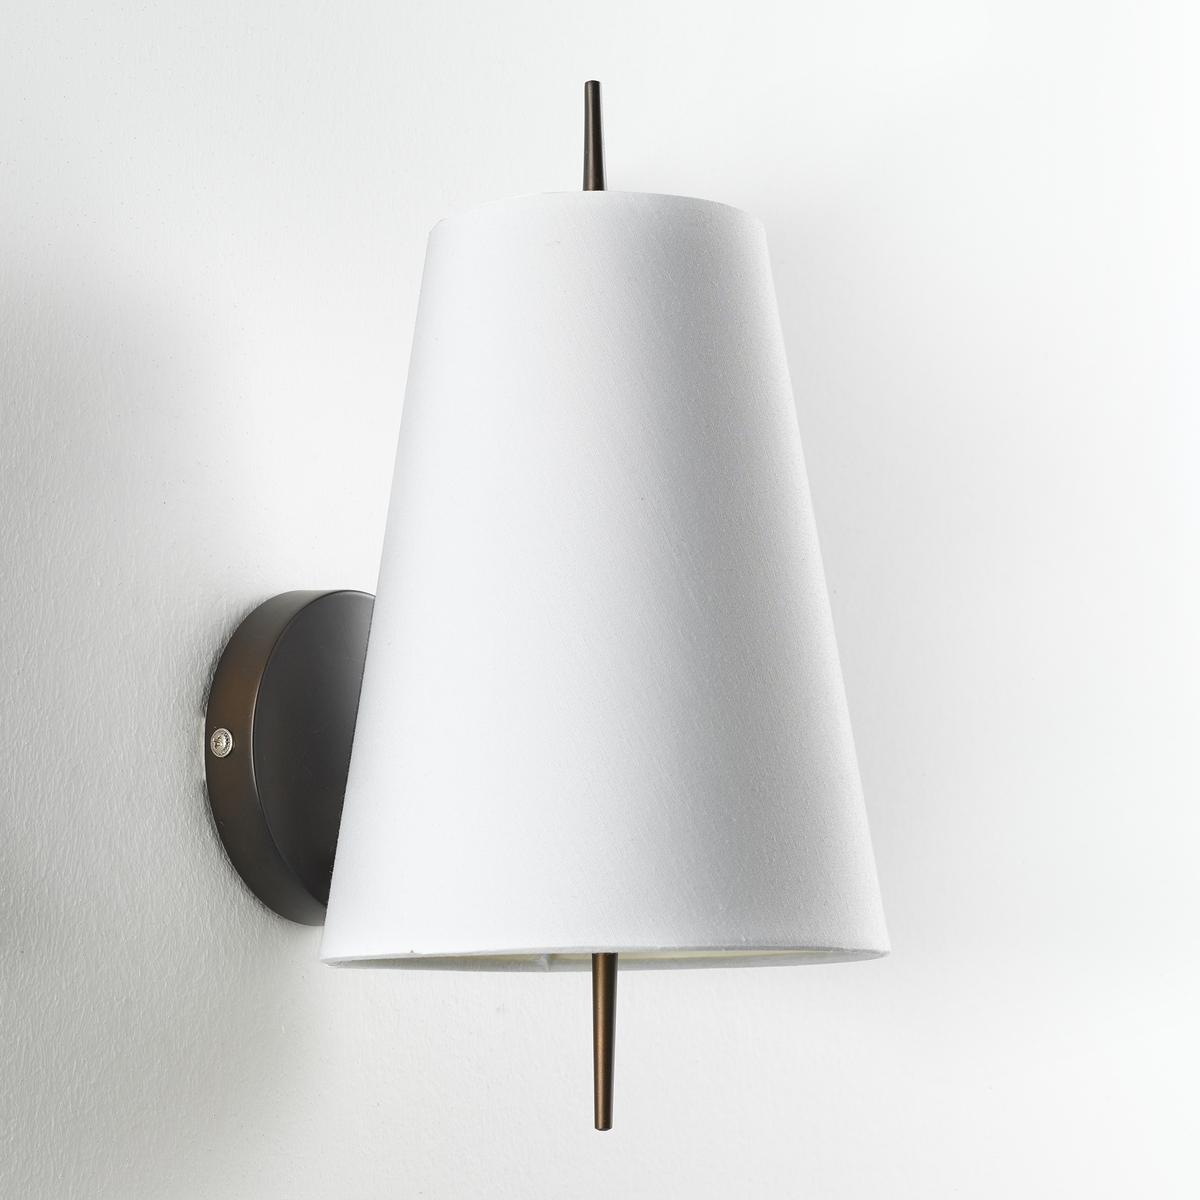 Бра JouanicoБра Jouanico. Успешное сочетание металла и хлопка для изящного светильника.Характеристики : - Из металла с покрытием эпоксидной краской бронзового цвета с эффектом старения- Абажур из хлопка- Патрон E14 для компактной лампы макс. 8 Вт (продается отдельно)- Совместим с лампами класса энергопотребления  AРазмеры : - Ш.16,8 x В.22 x Г.16,8 см- Абажур : Ш.16,8 x В.22 x Г.6,8 см<br><br>Цвет: белый